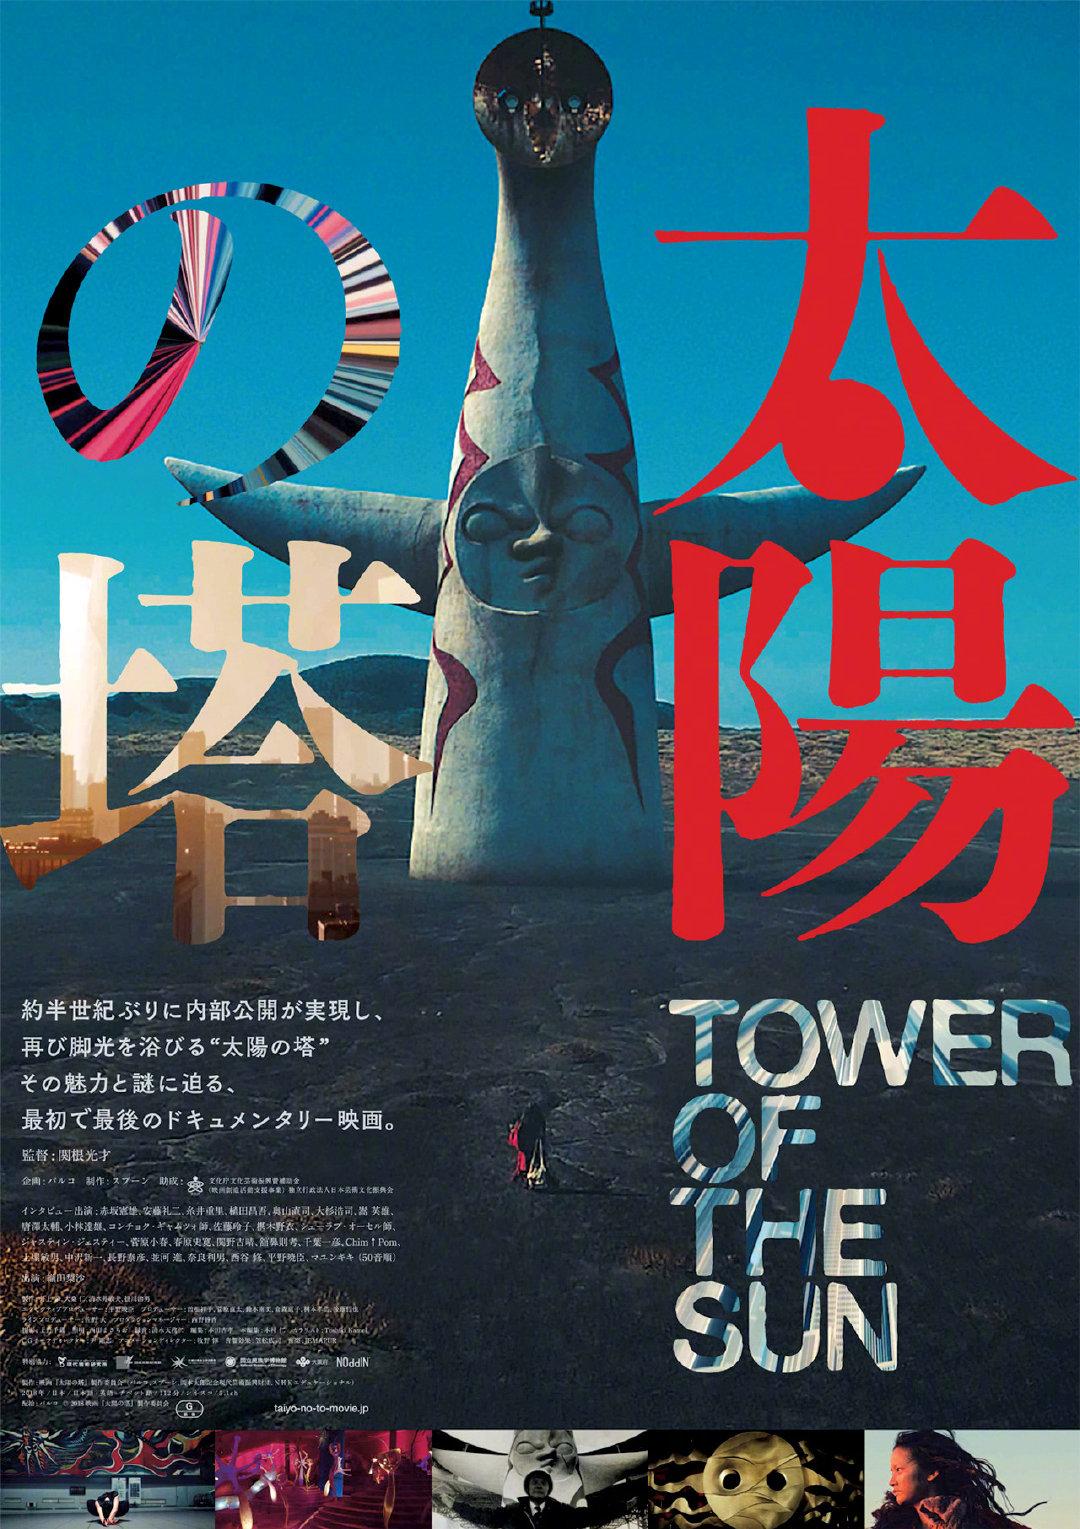 日本文字创意海报设计参考